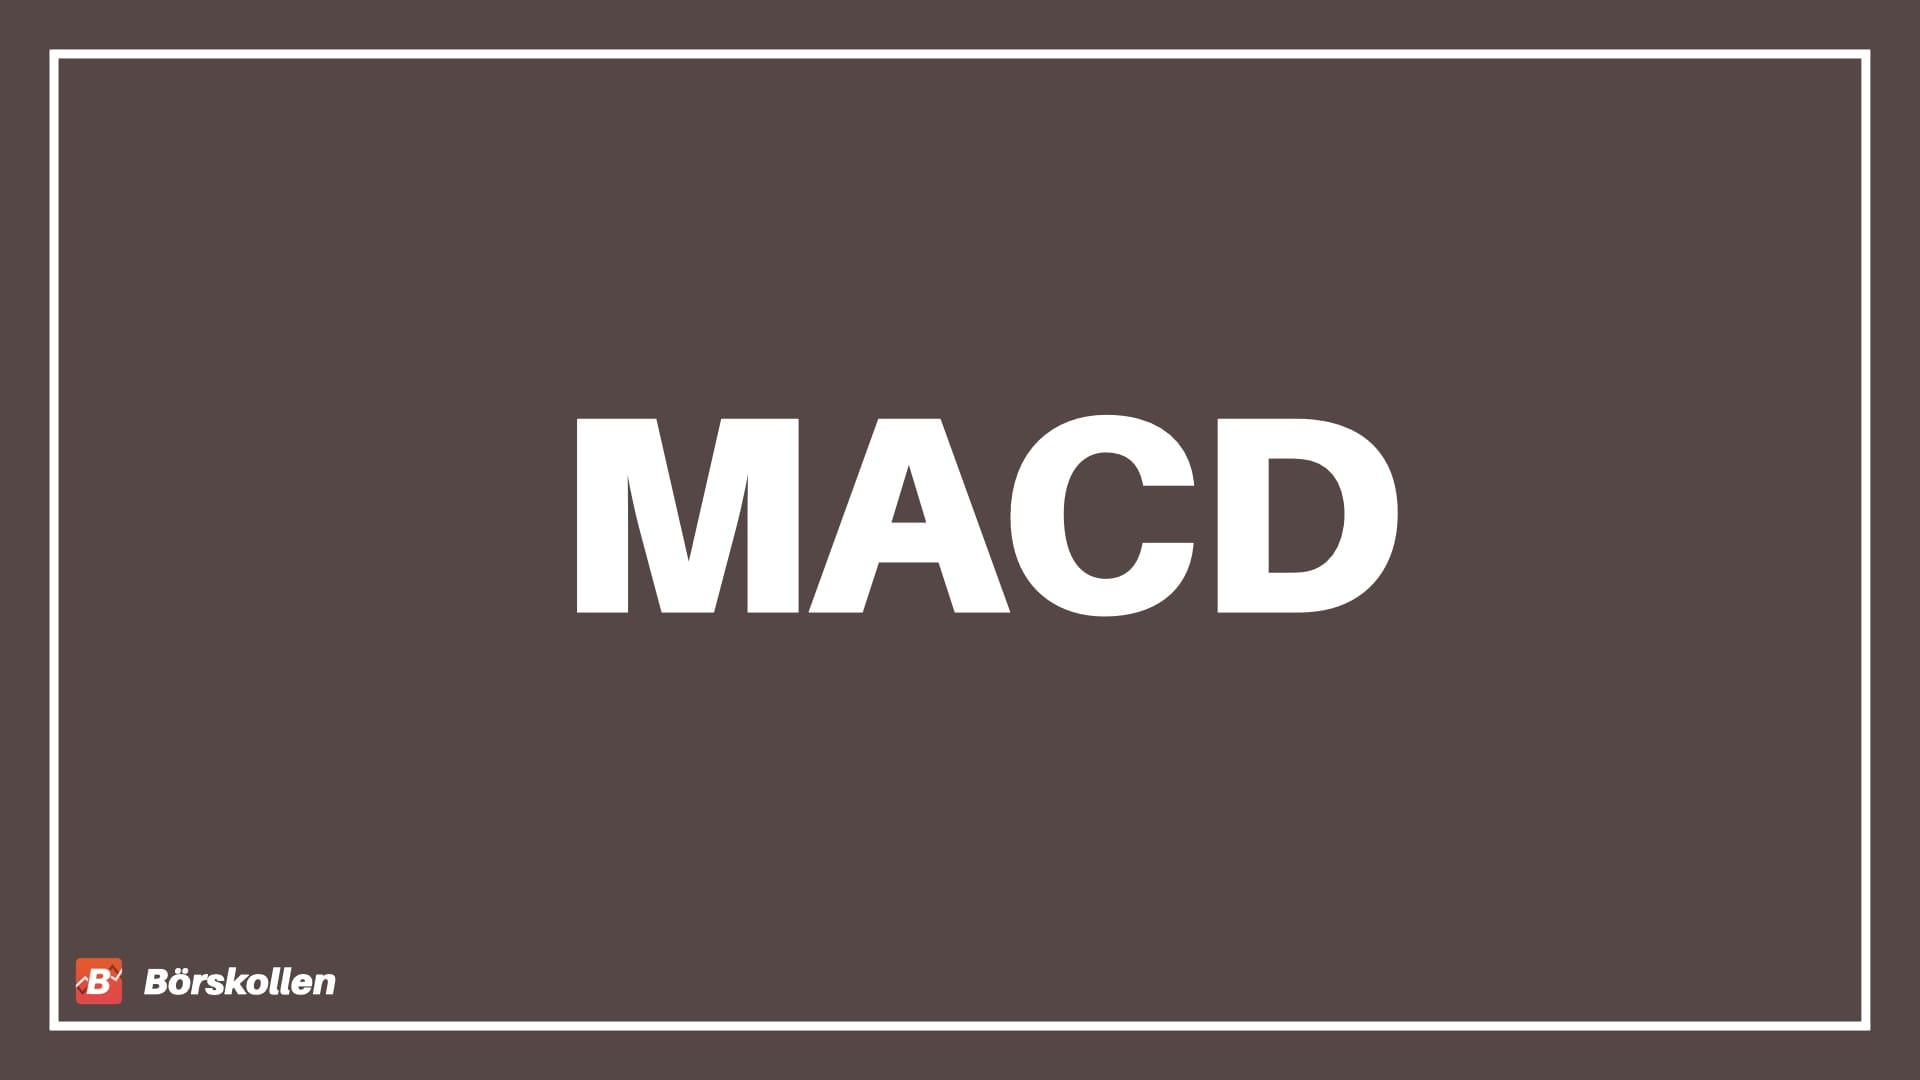 MACD – Vad är MACD?